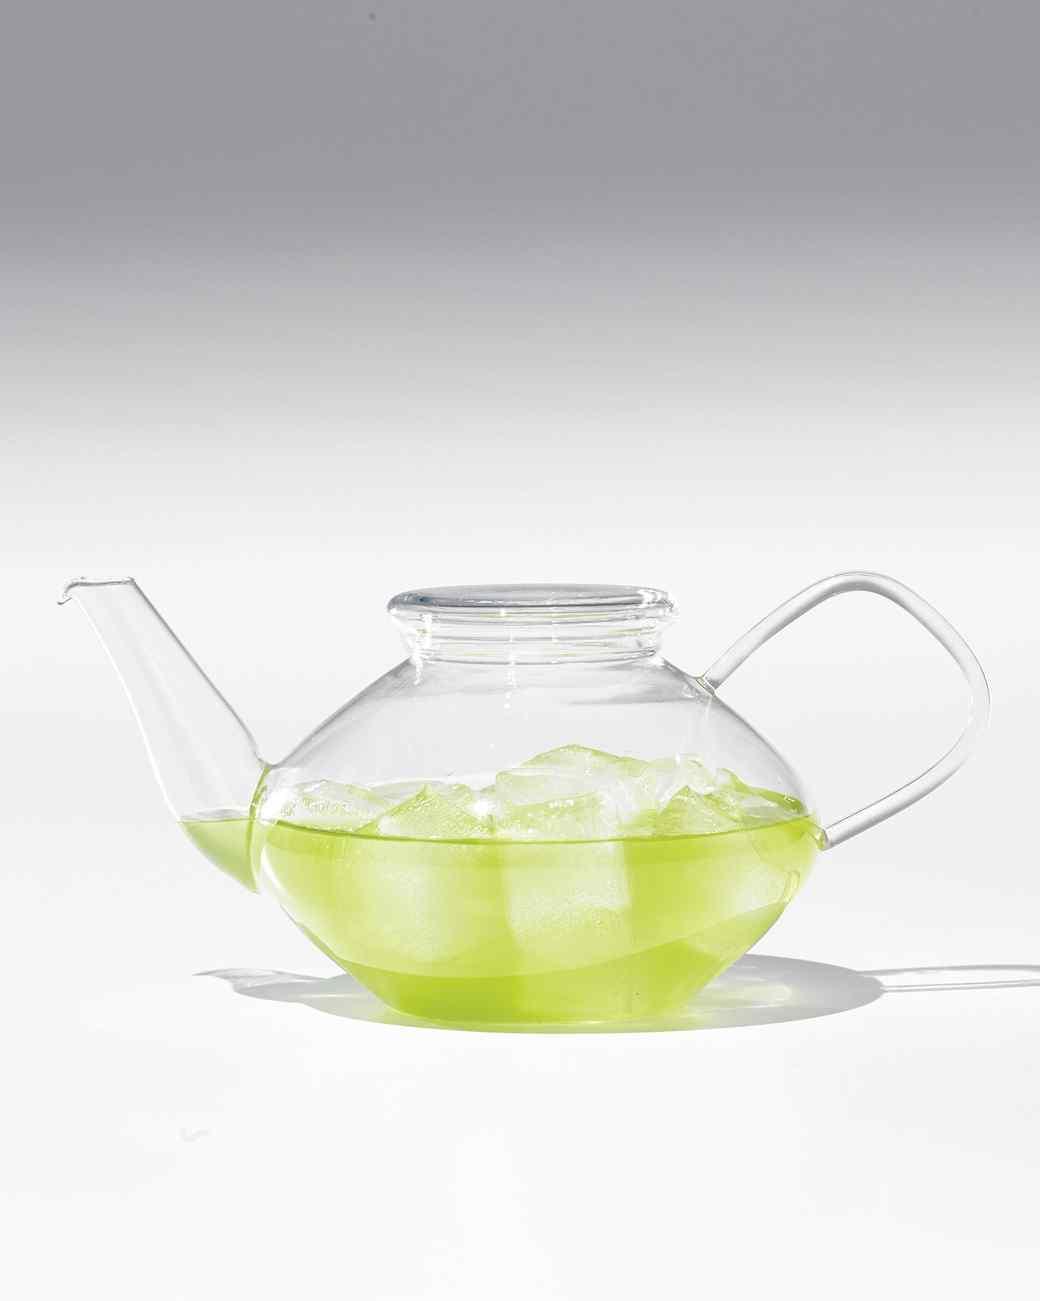 iced-green-tea-185-shadow-d112850.jpg